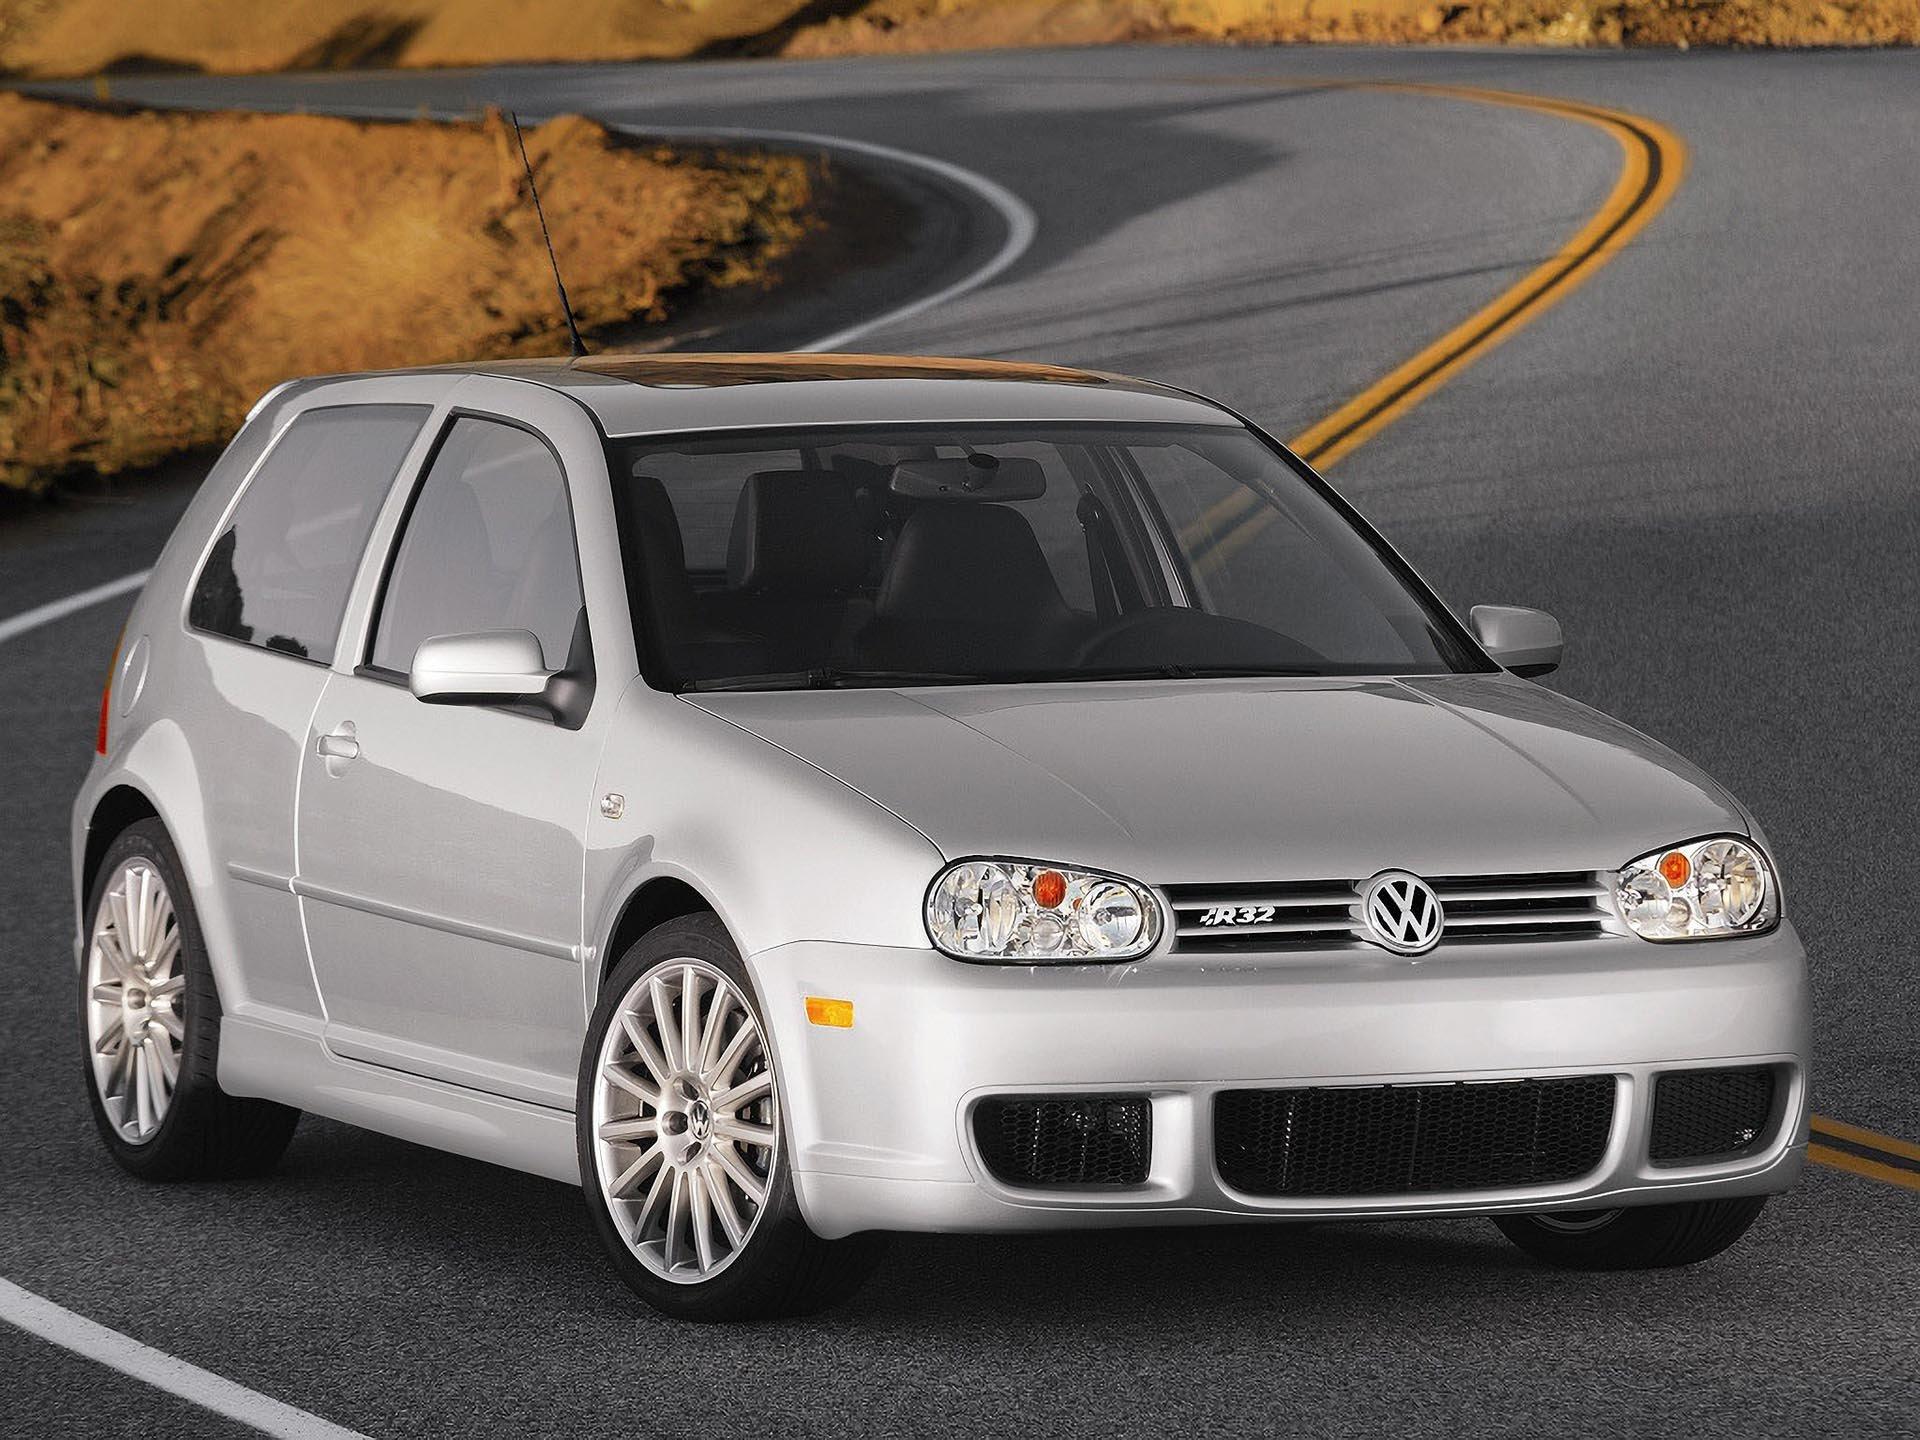 05_VW Mk4 R32 3.2 VR6 Front